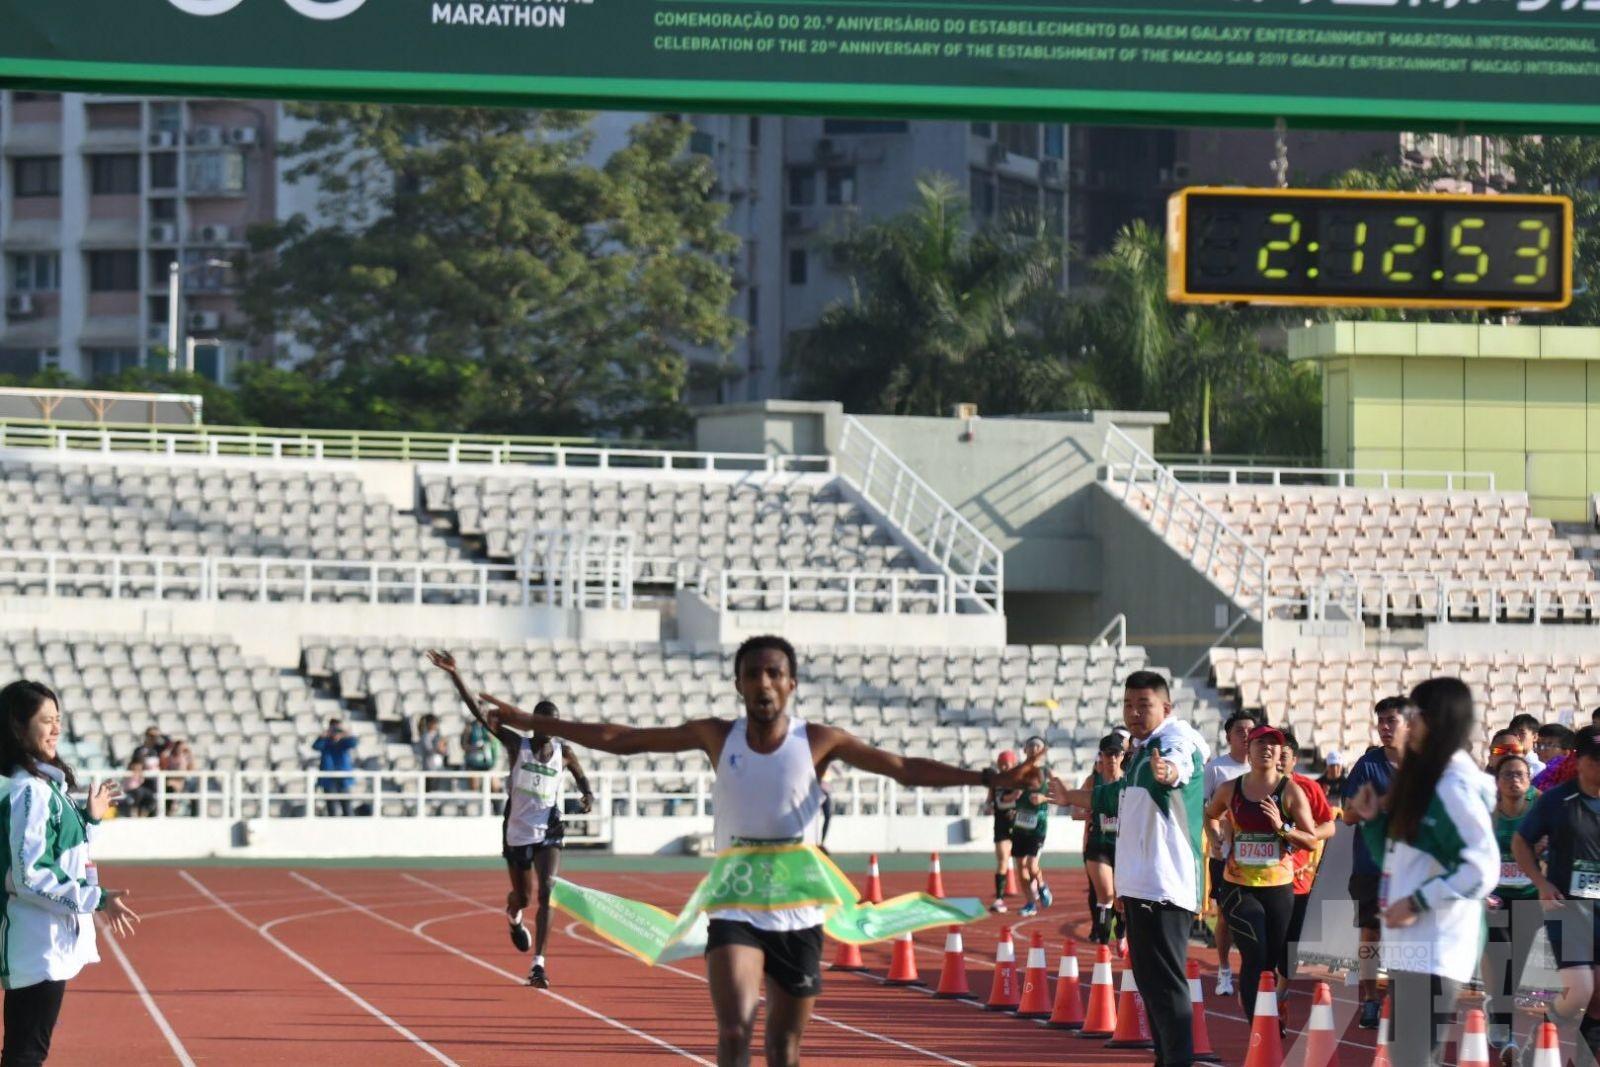 埃國肯尼亞跑手分奪全馬男女冠軍